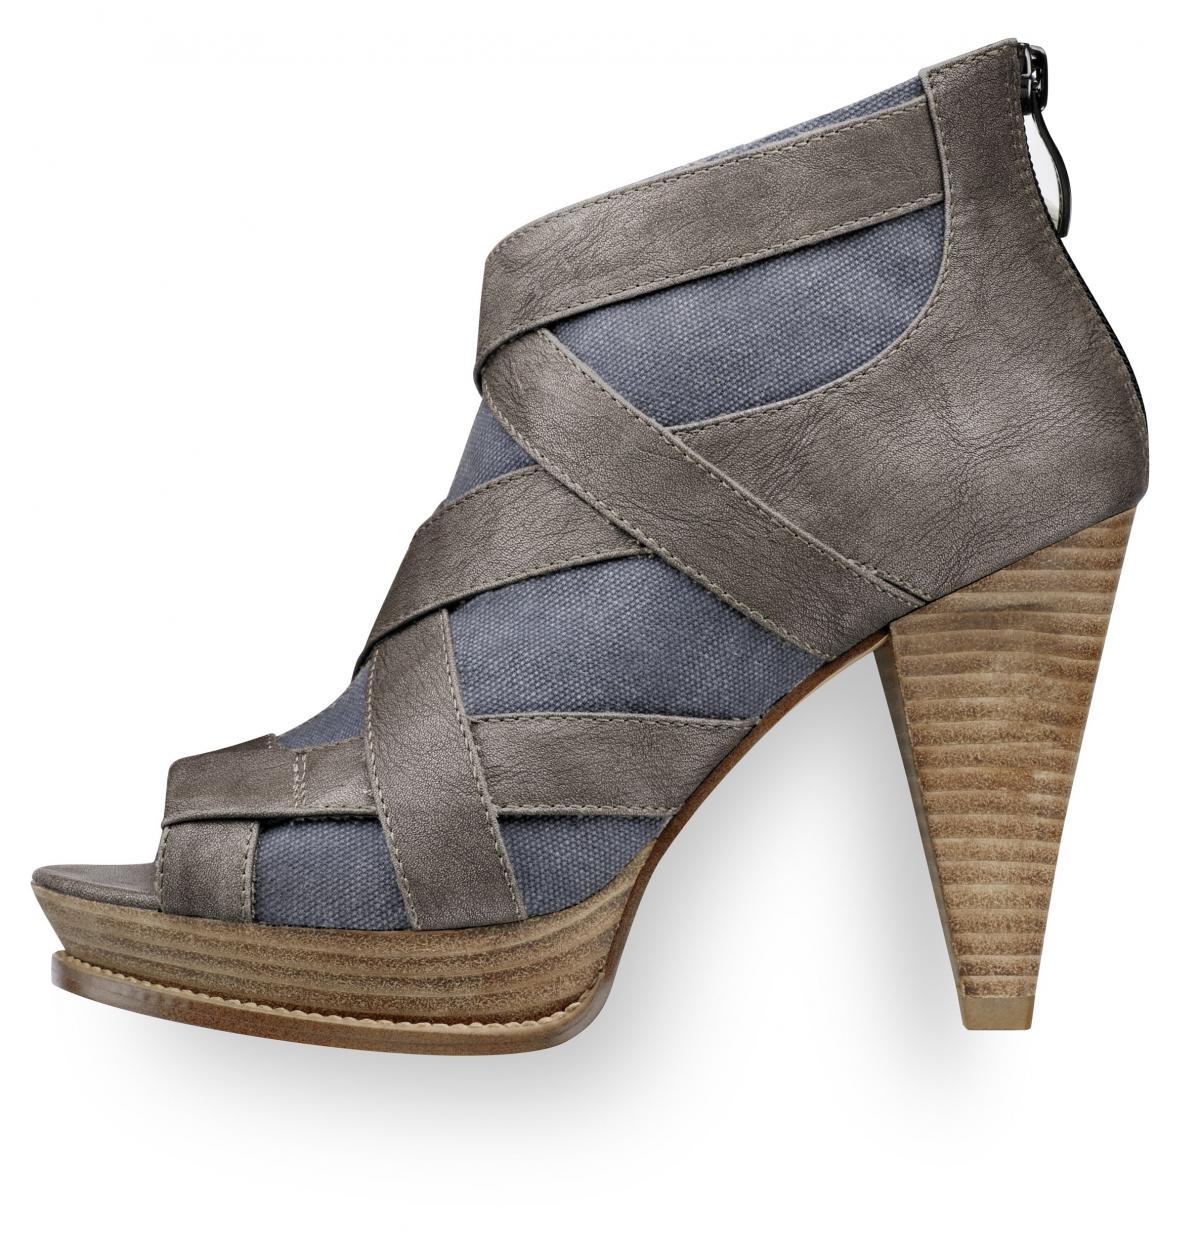 niebieskie pantofle Tamaris na wysokim obcasie - wiosna 2011